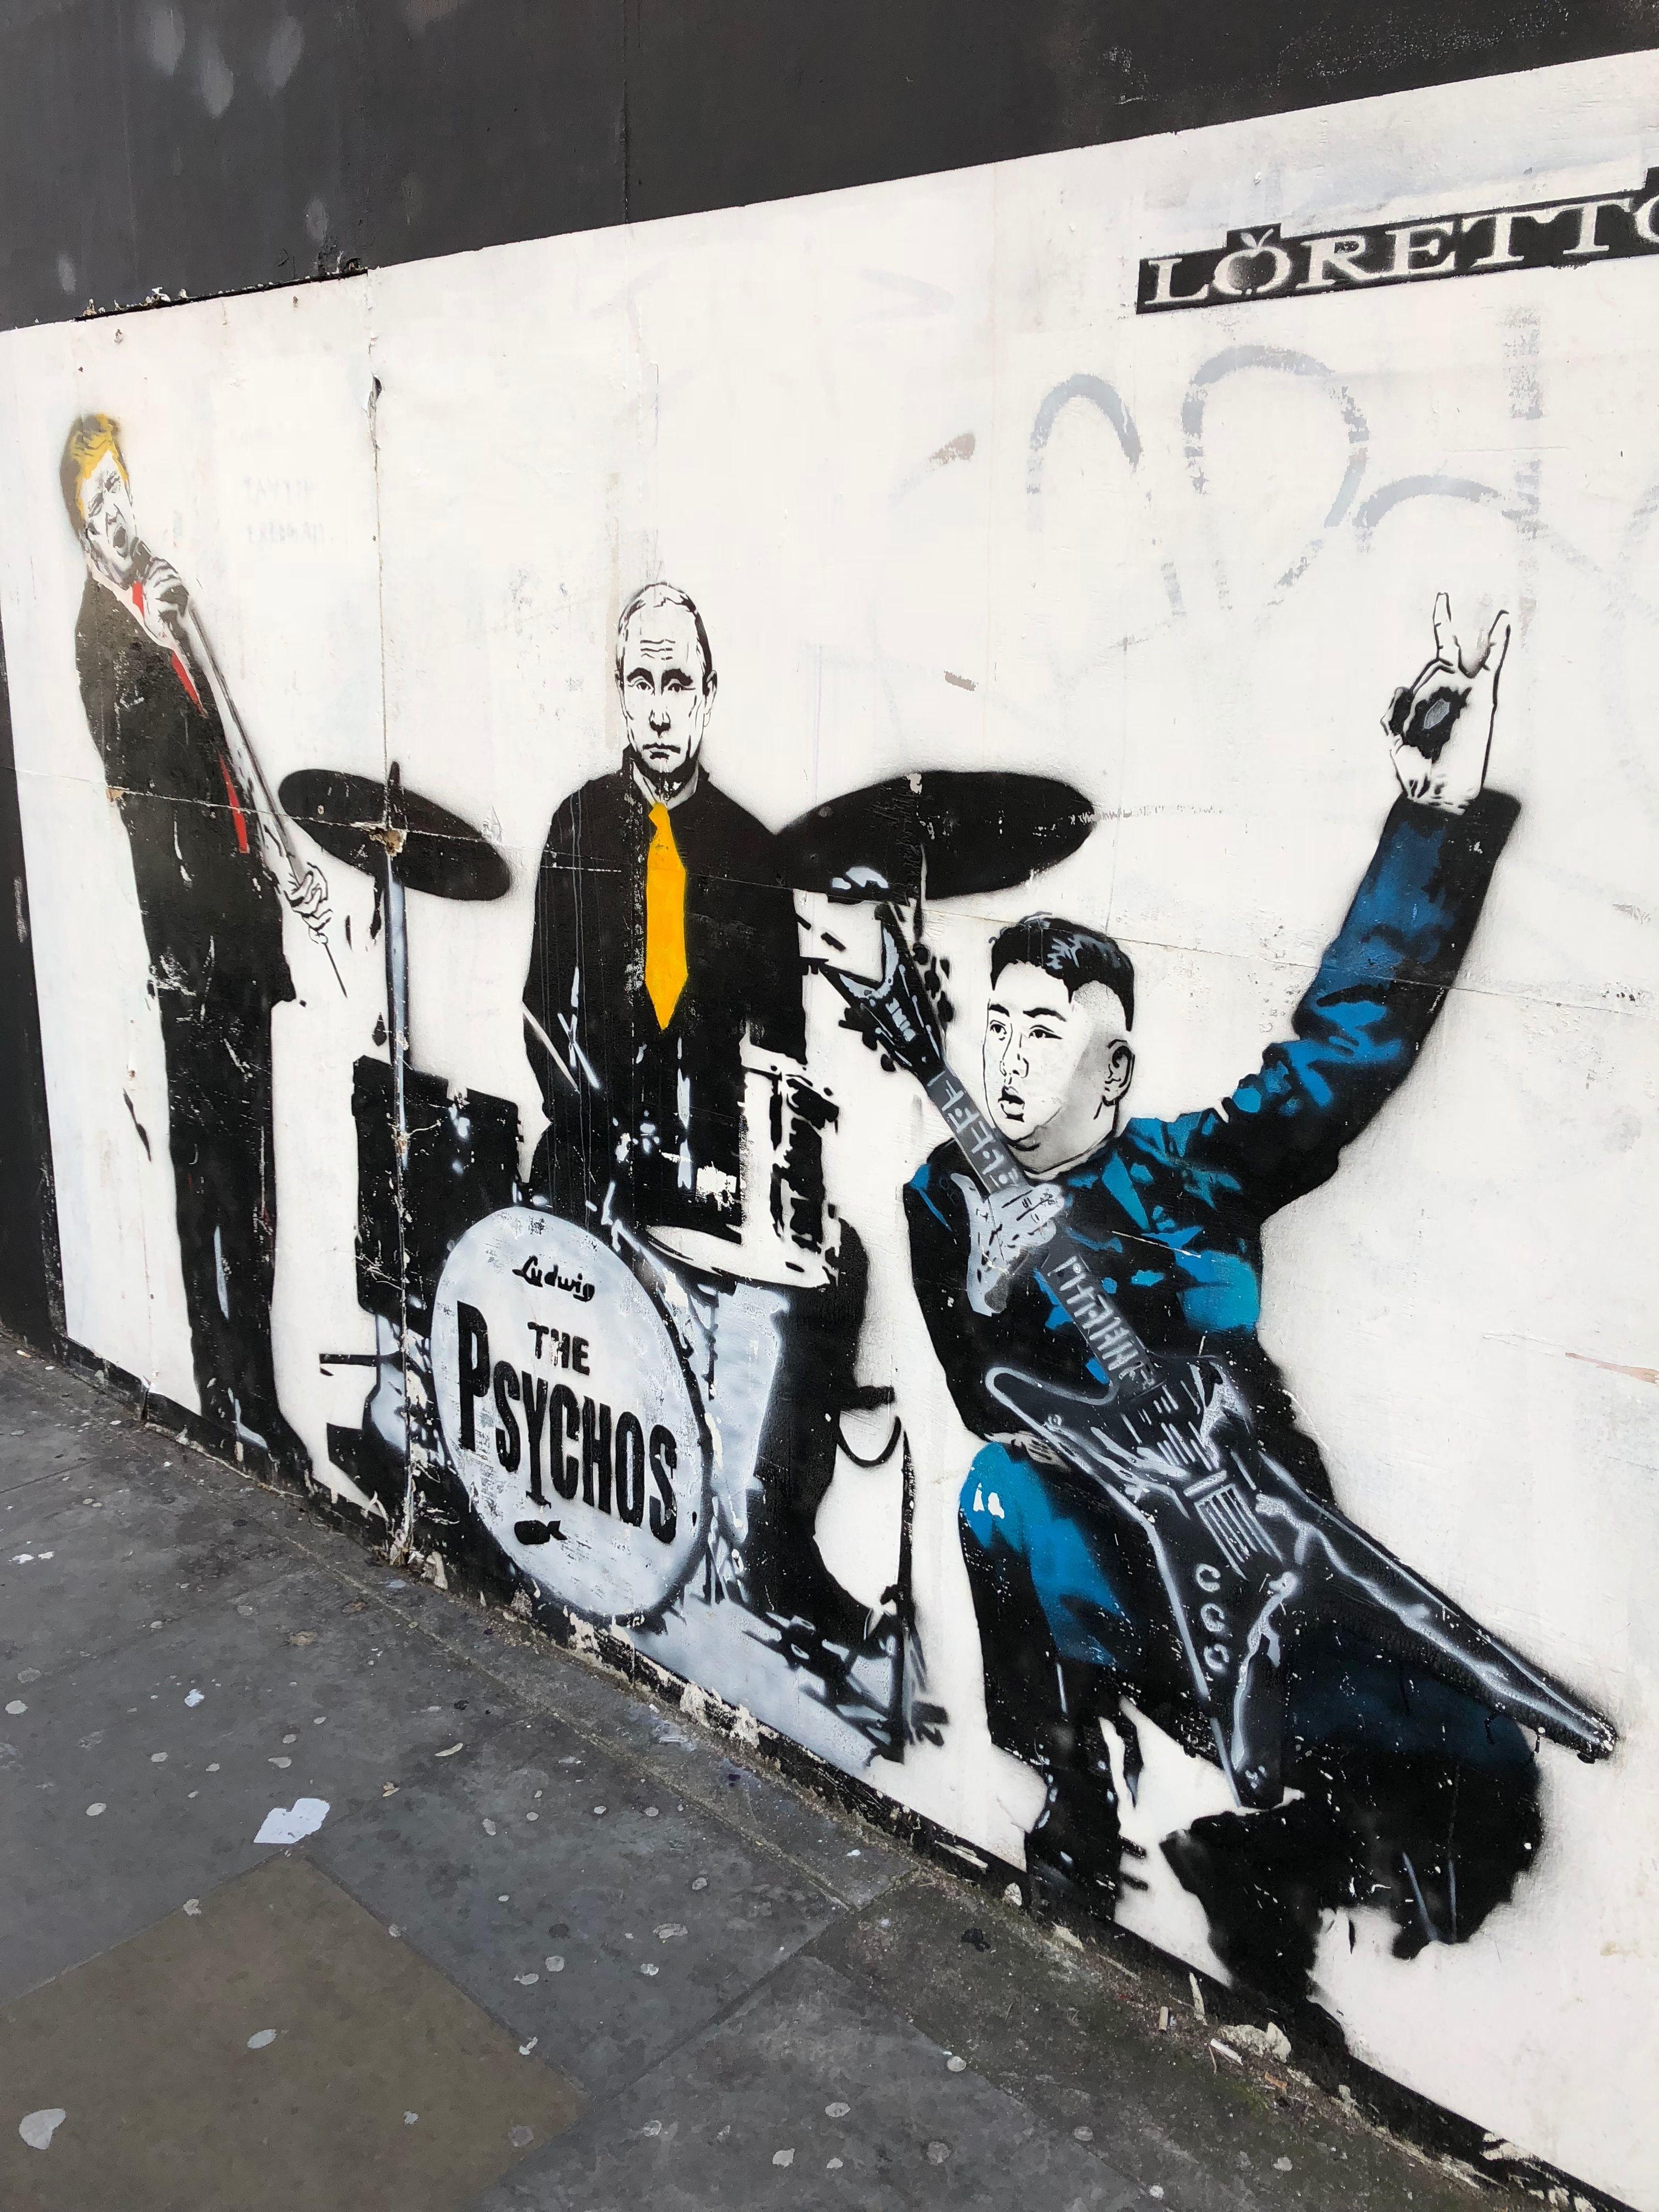 banksy graffiti anarchy